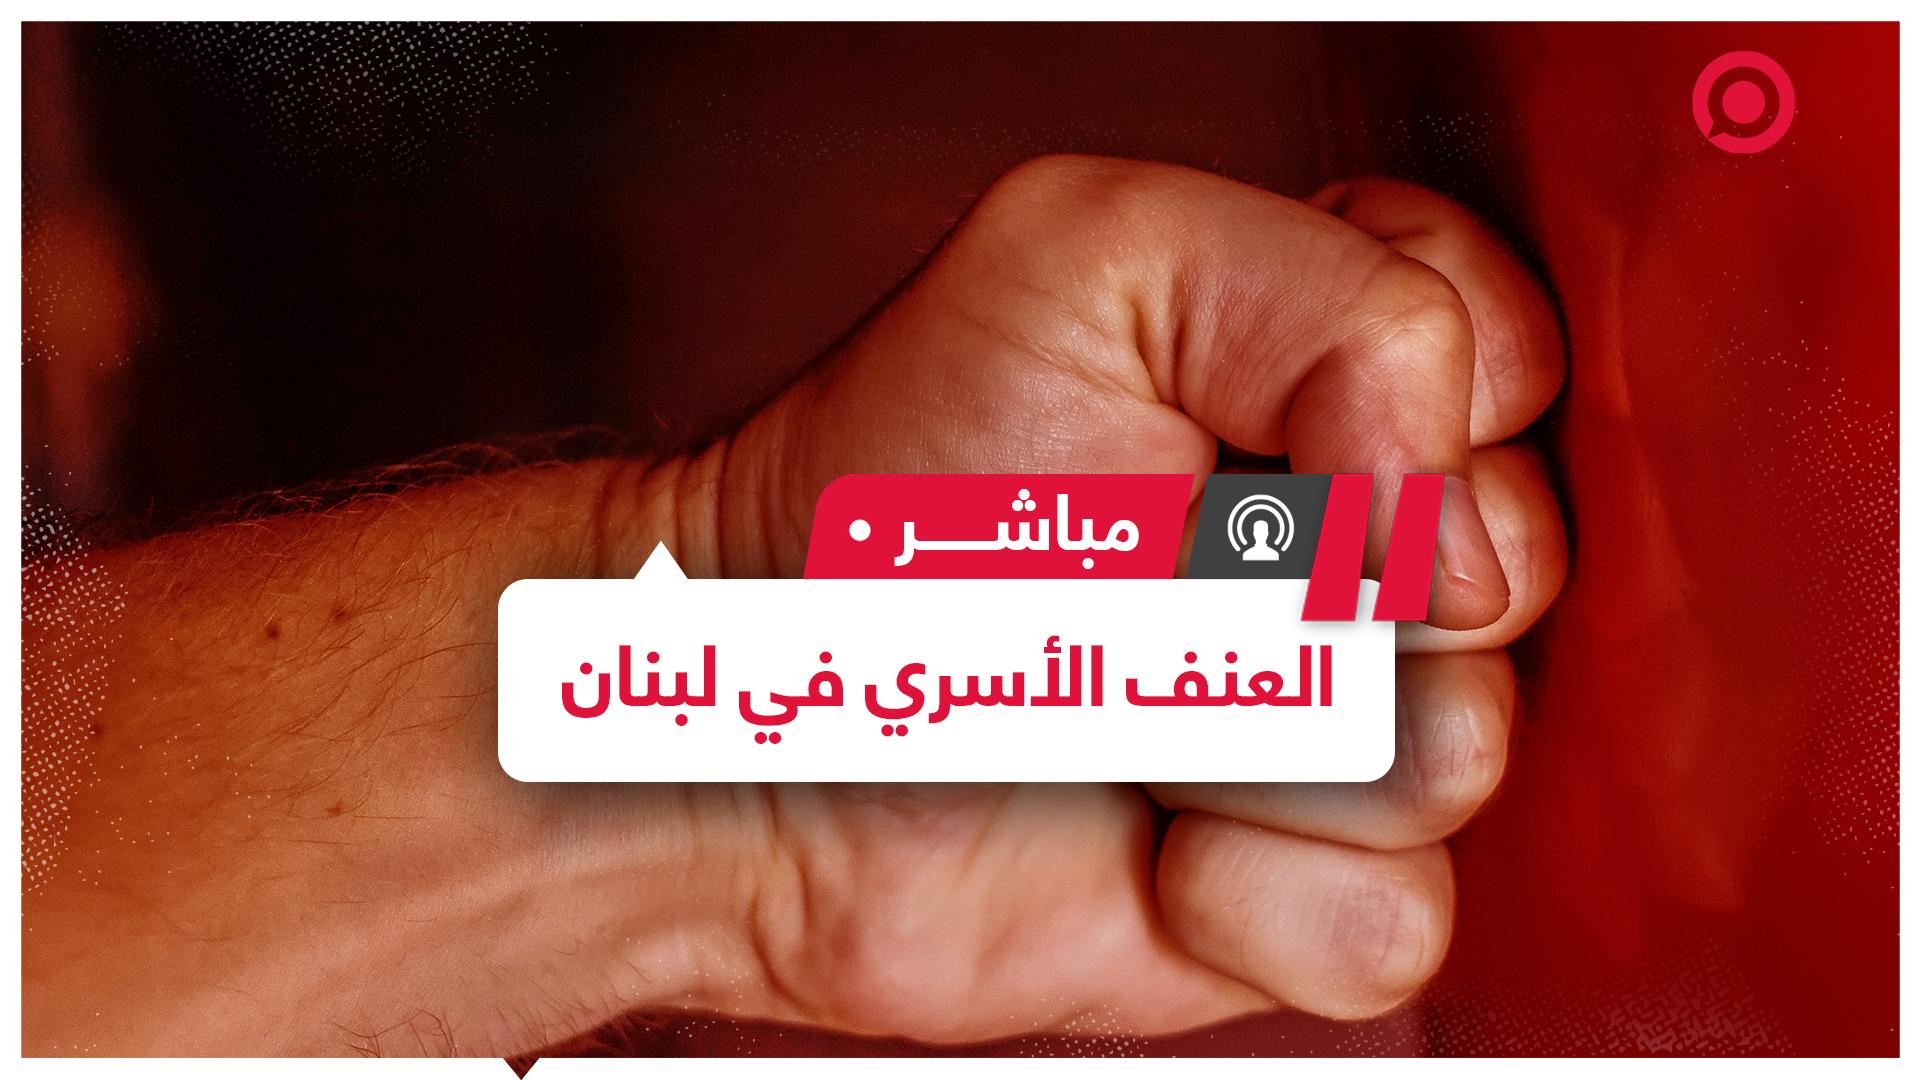 حملة لبنانية بعنوان